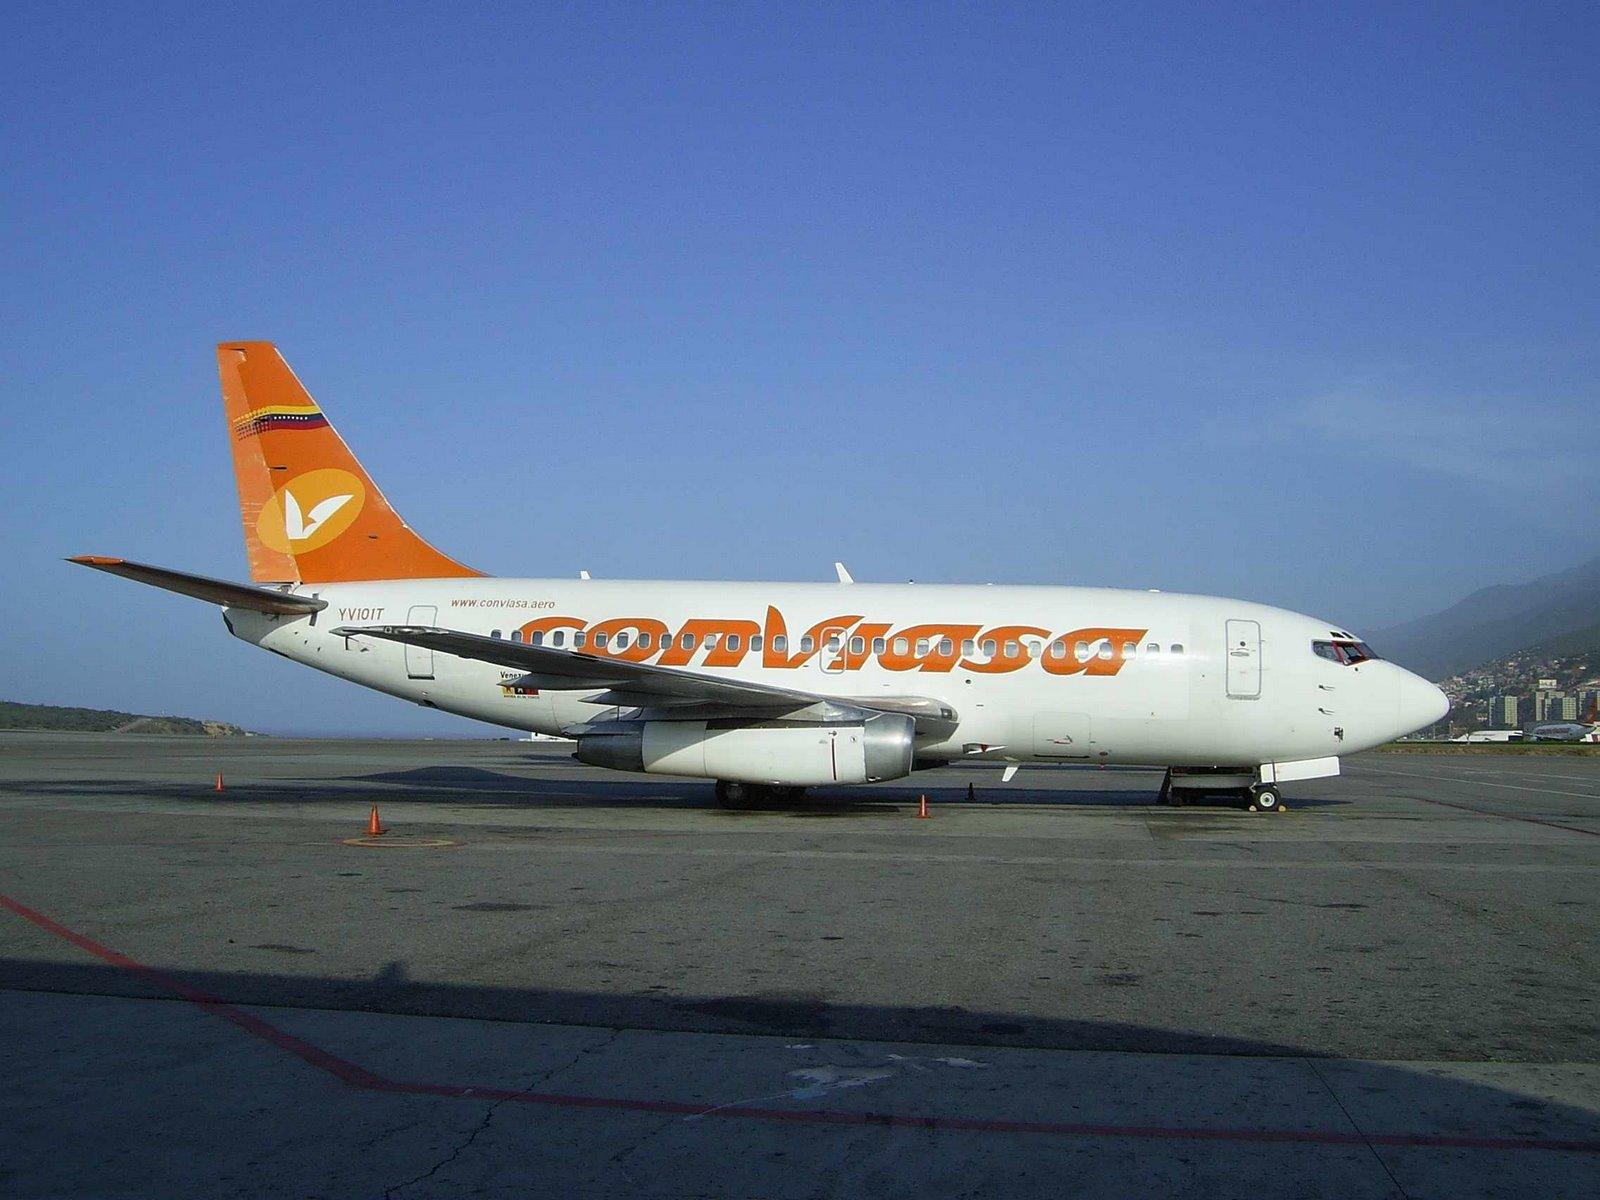 737-200 y md-80 de aerolineas venezolanas fsx - Jue    en Taringa!